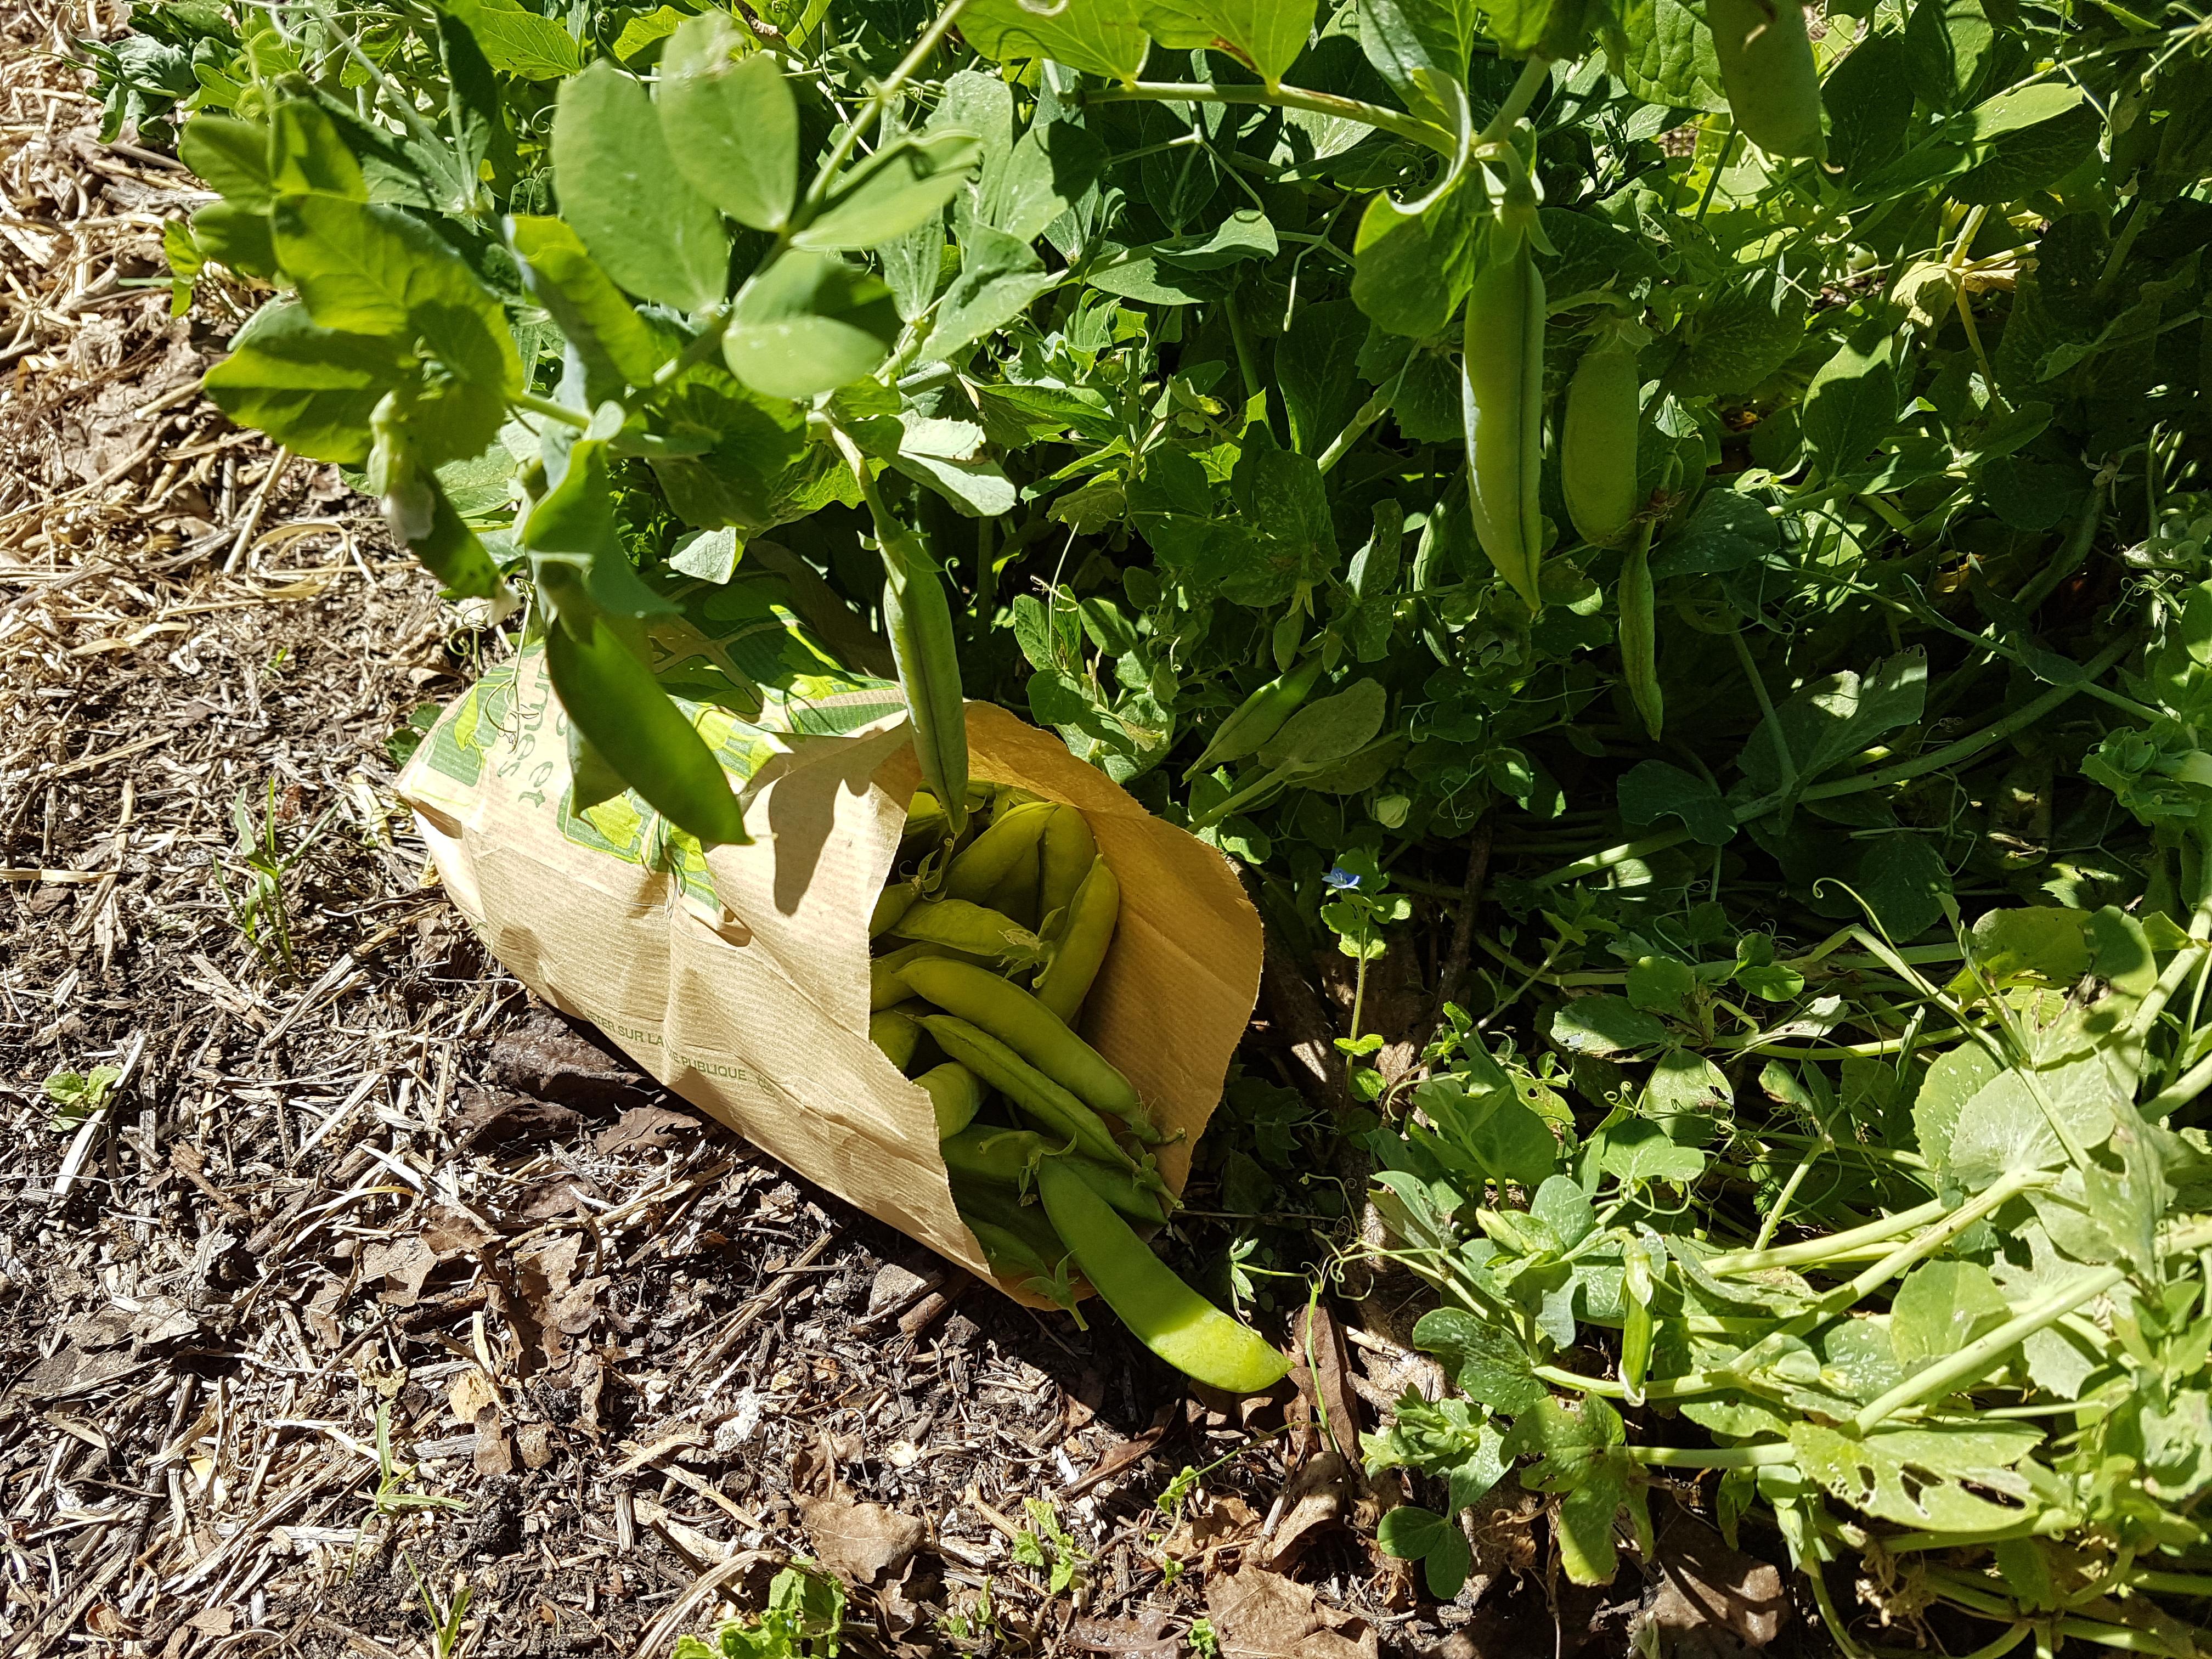 Les petits pois les jardins du plec - Comment cuire les petit pois du jardin ...